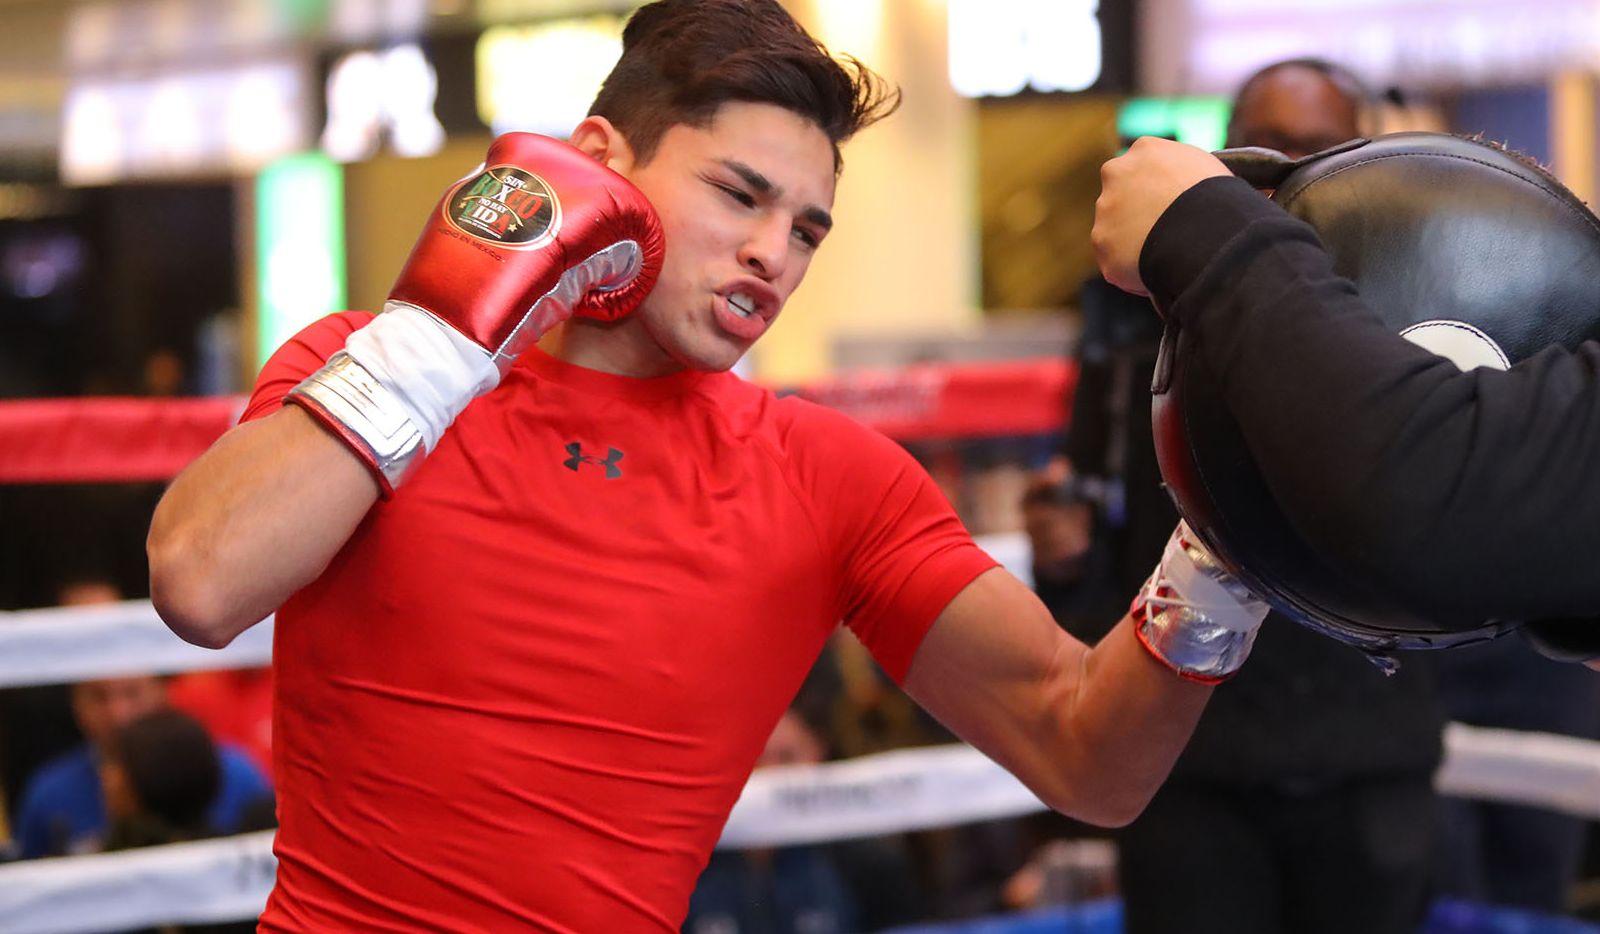 Ryan García ha entrenado fuerte para su pelea contra el británico Luke Campbell que se efectuara el 2 de enero en el America Airlines Center de Dallas.